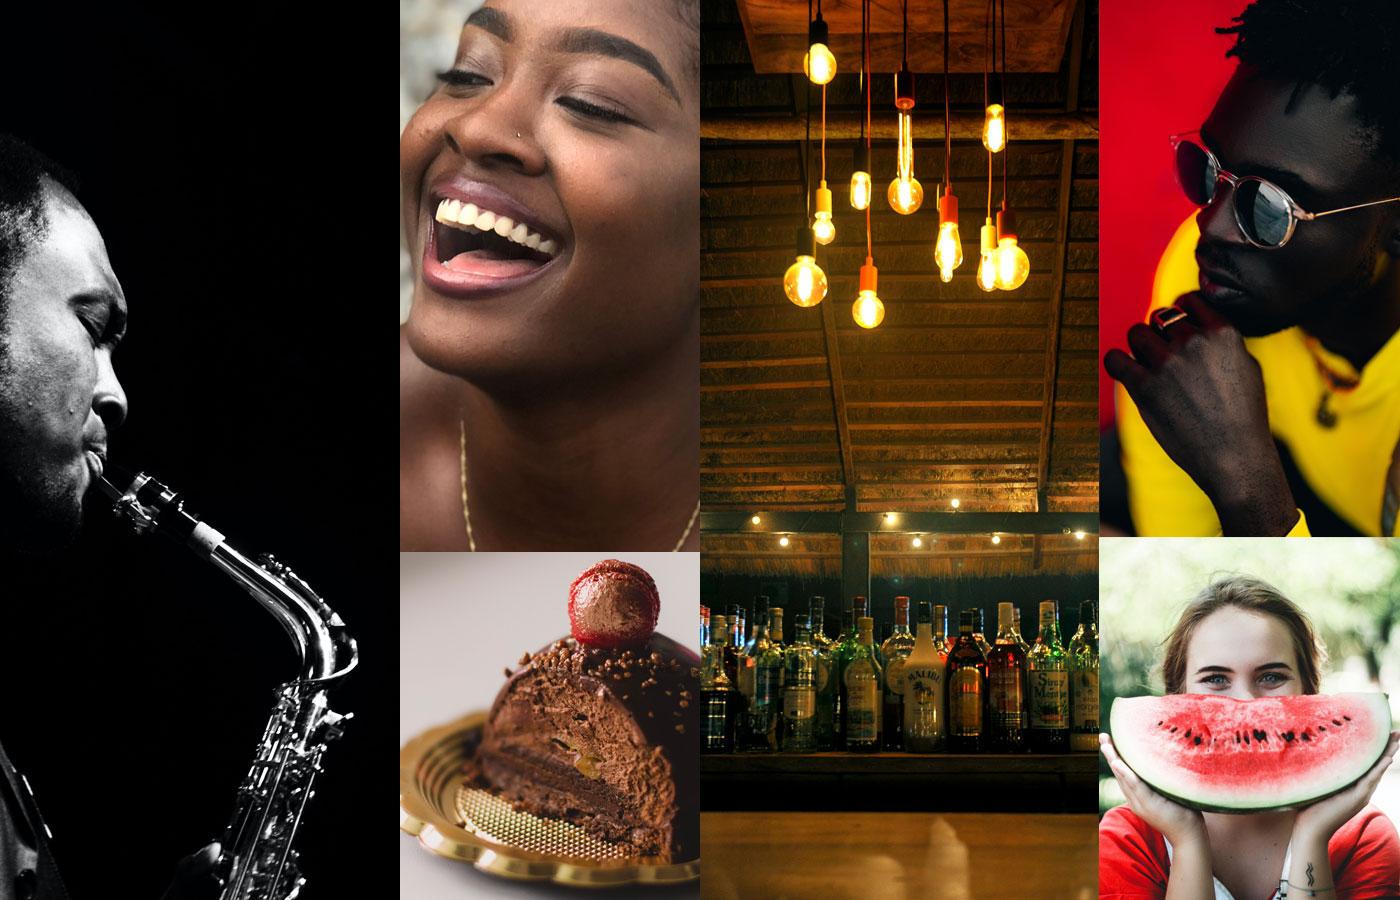 LePatio-collage-restaurant